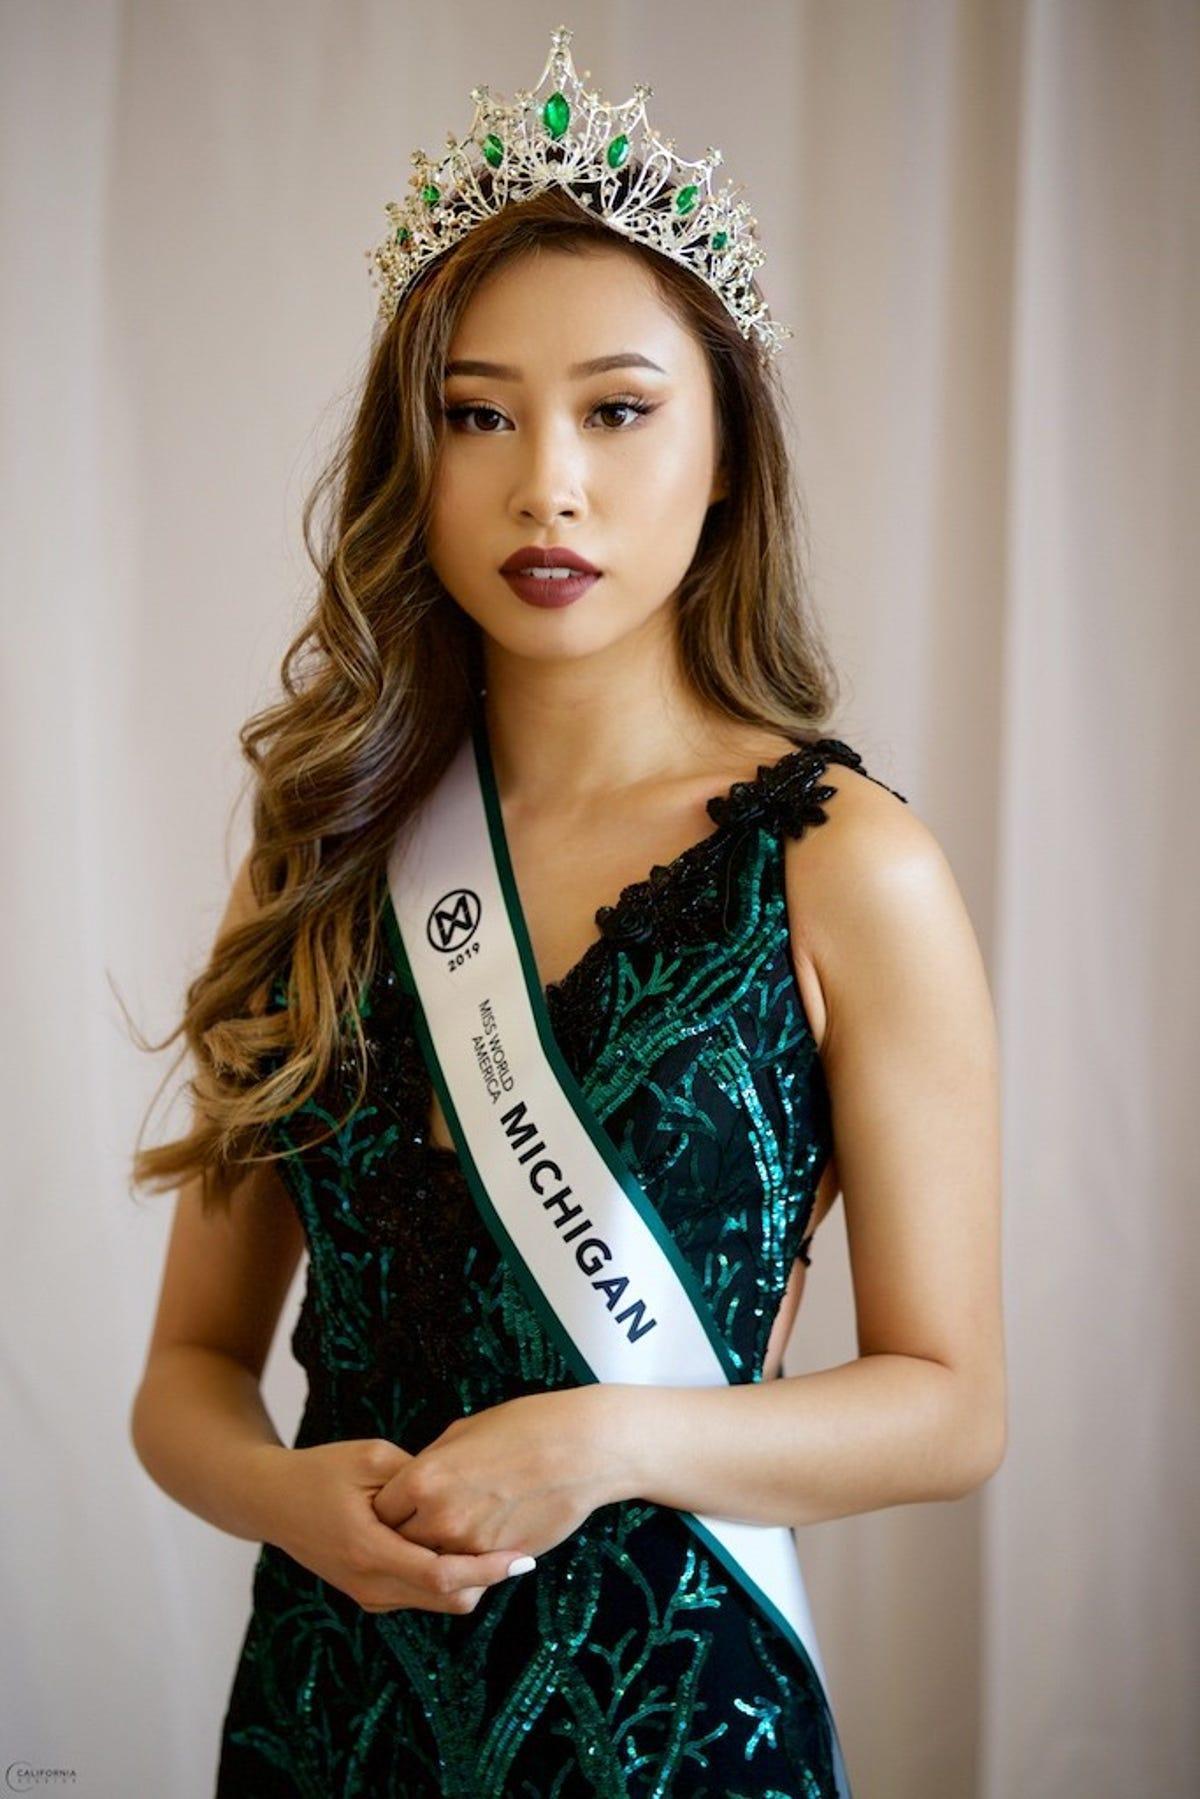 U-M student Kathy Zhu stripped of Miss Michigan World